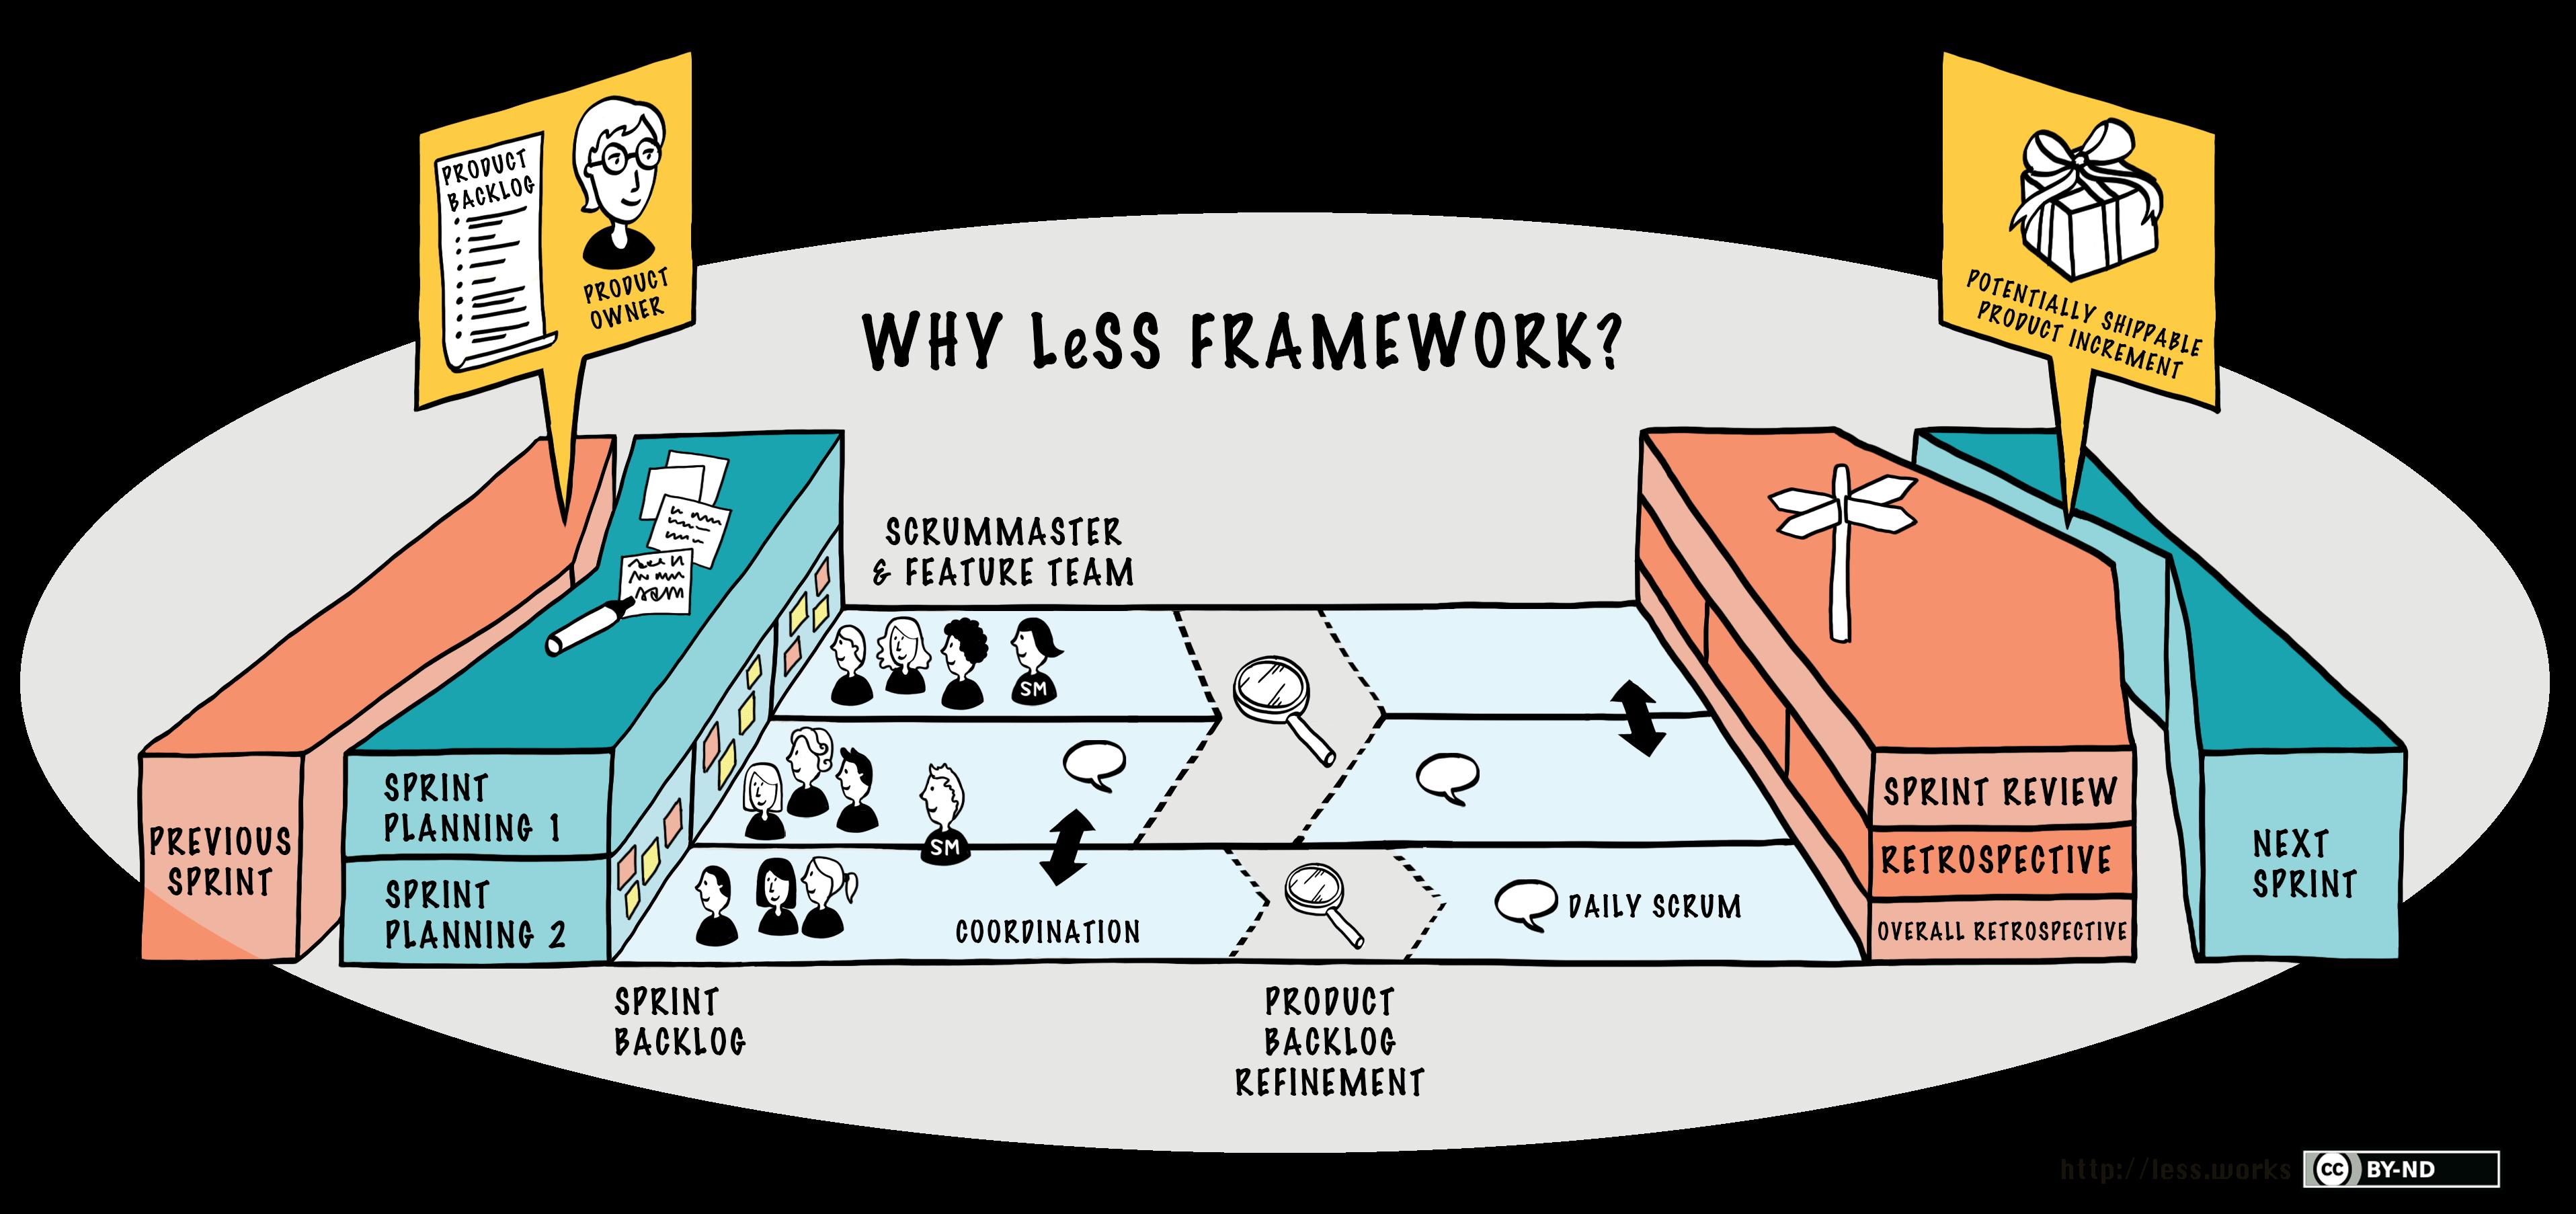 Illustrazione del perché è consigliabile implementare il framework LeSS